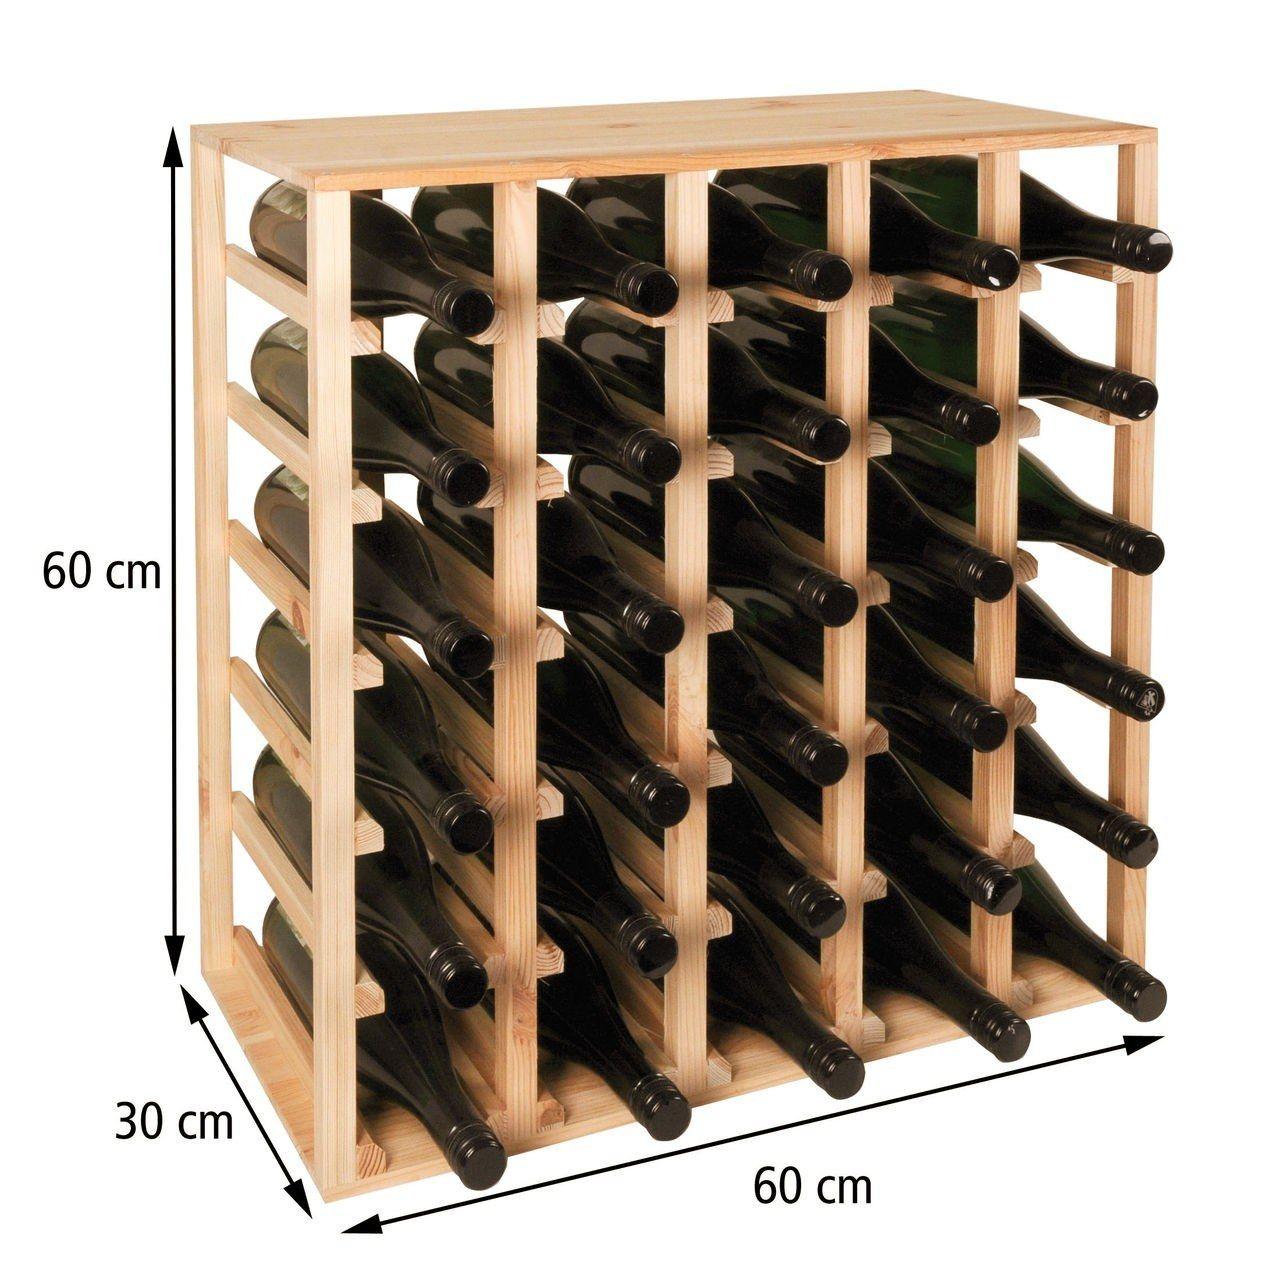 Weinregal 60 Cm Modul Quadri Holz Natur Mit Bildern